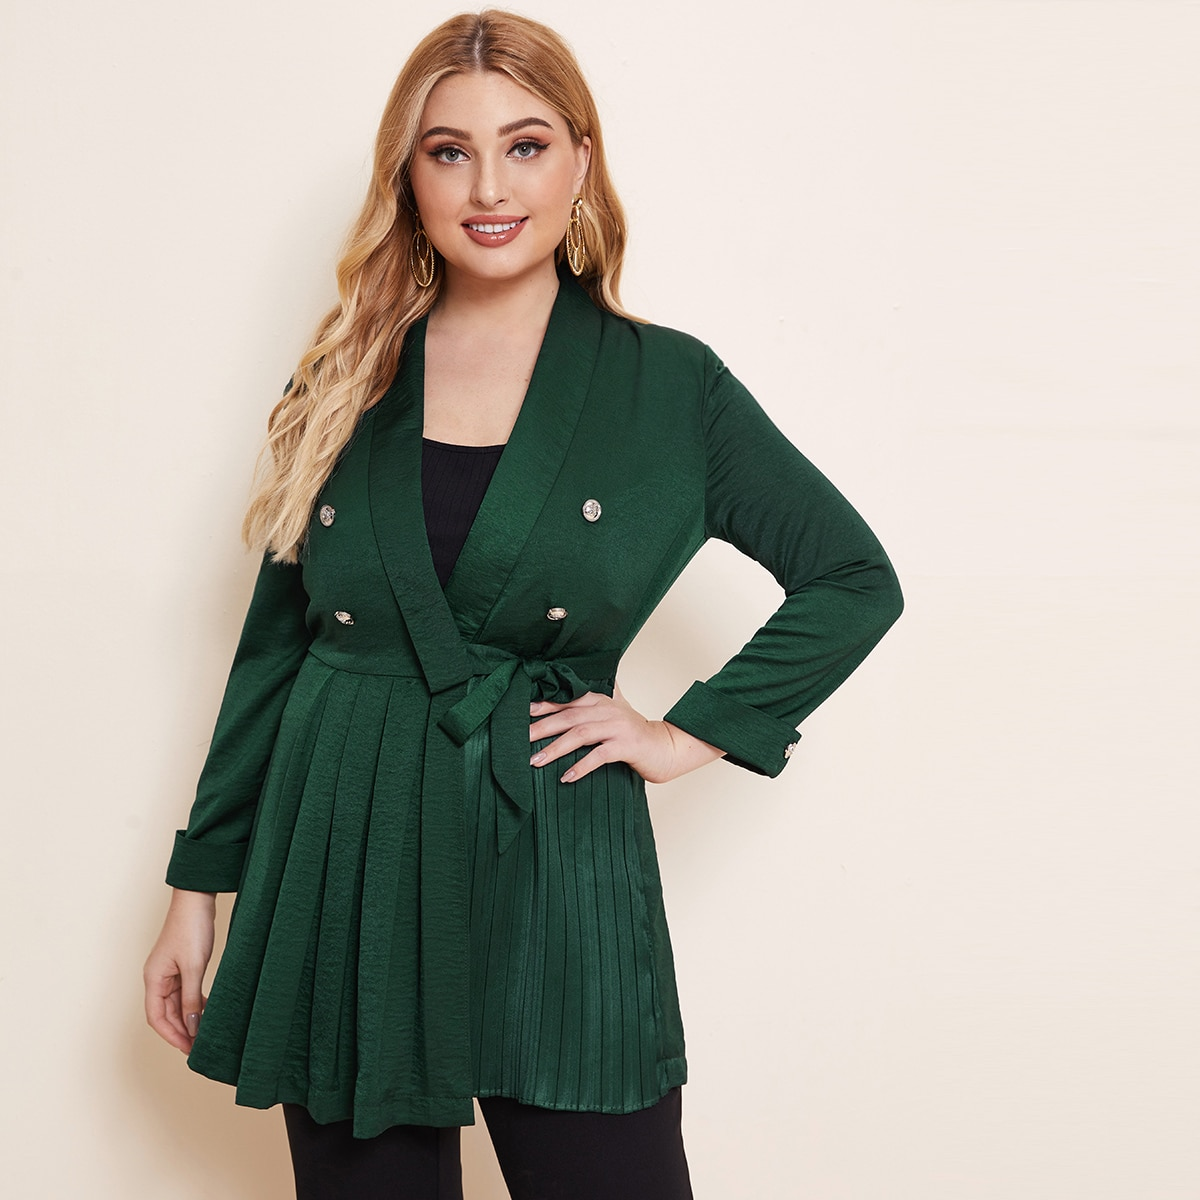 Темно-зеленый Двойная кнопка Одноцветный Элегантный Плюс размеры пальто фото